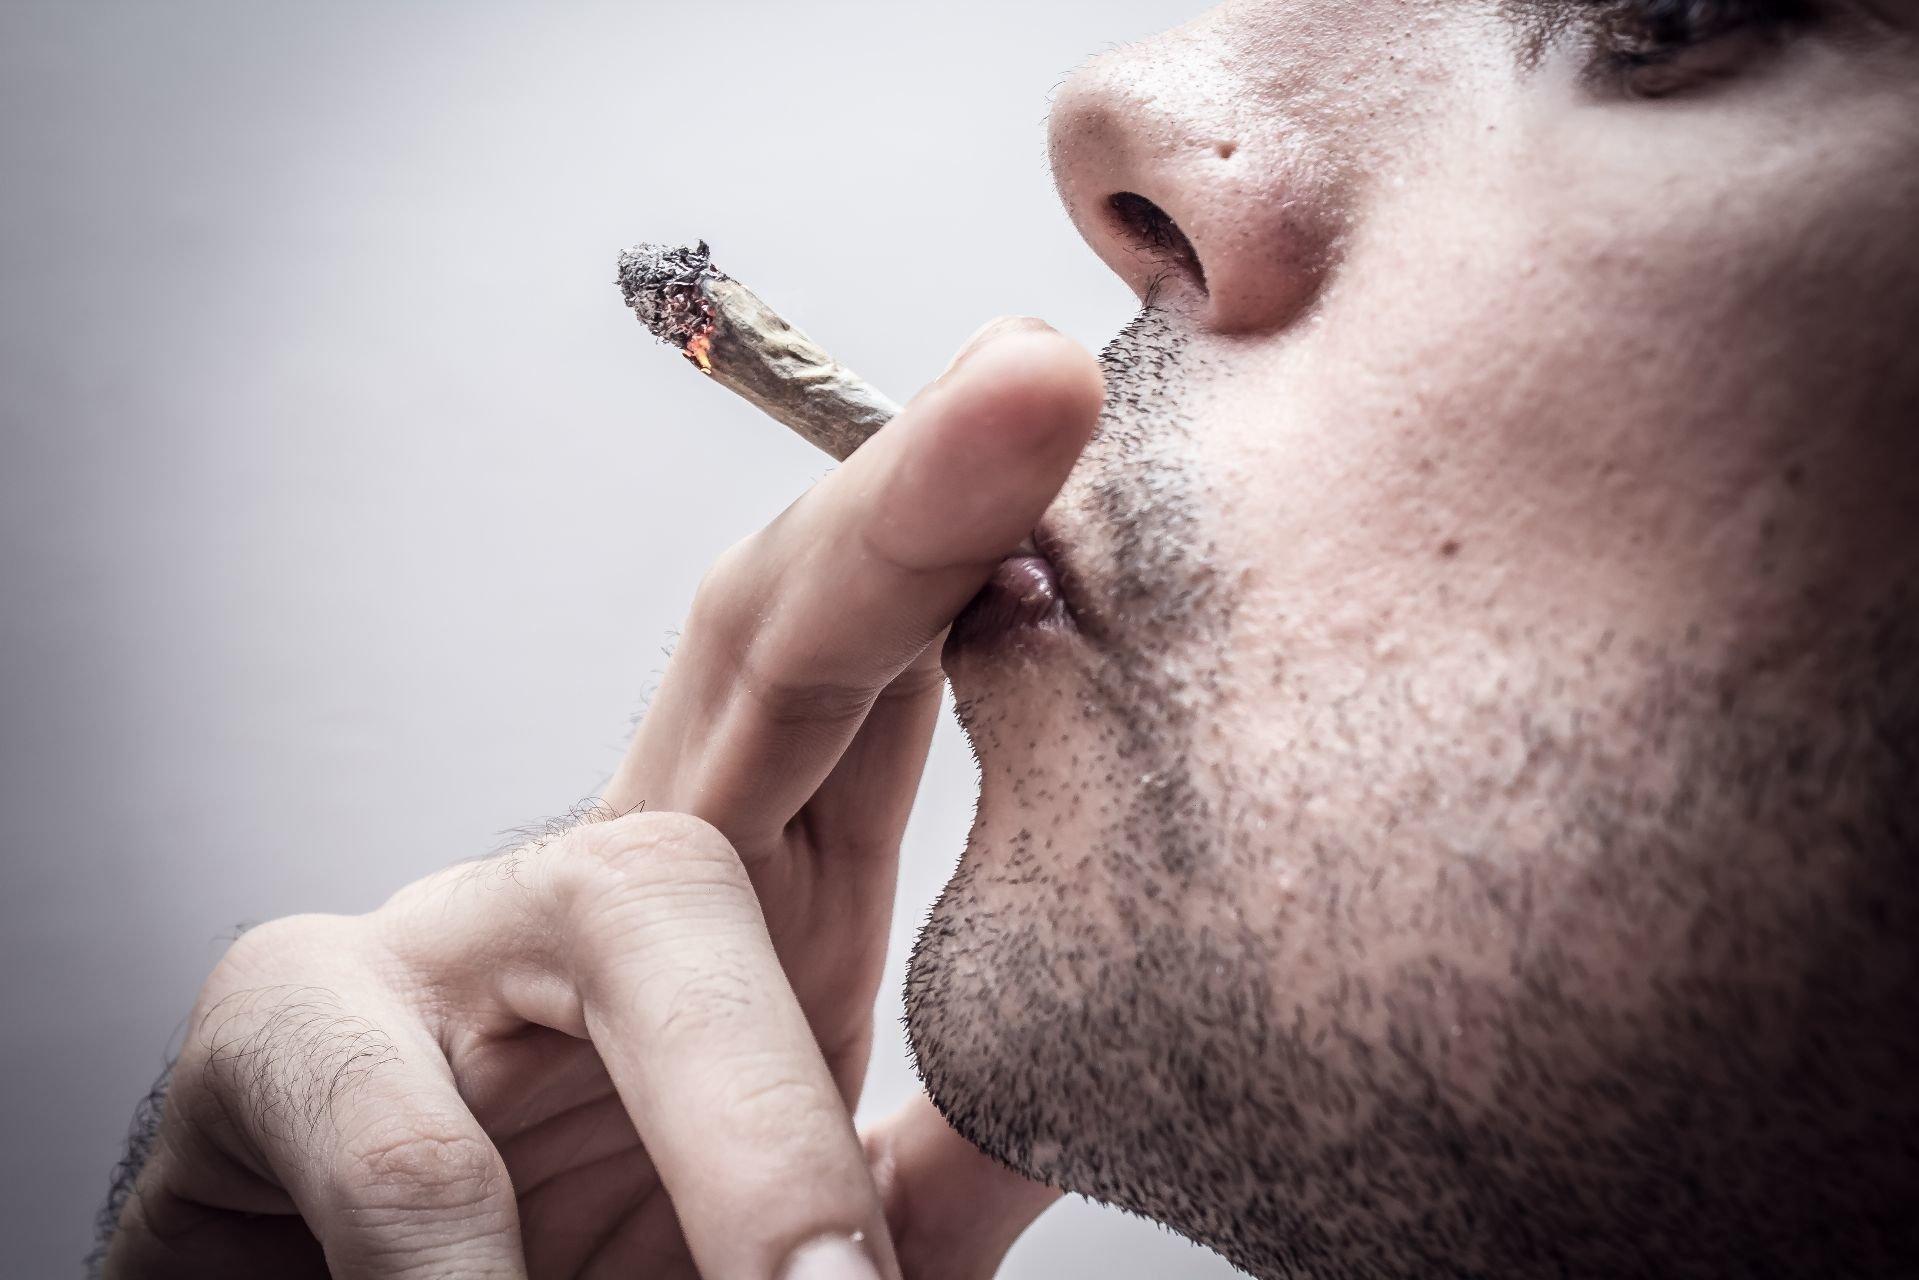 Le cannabis thérapeutique pour réduire le stress post-traumatique